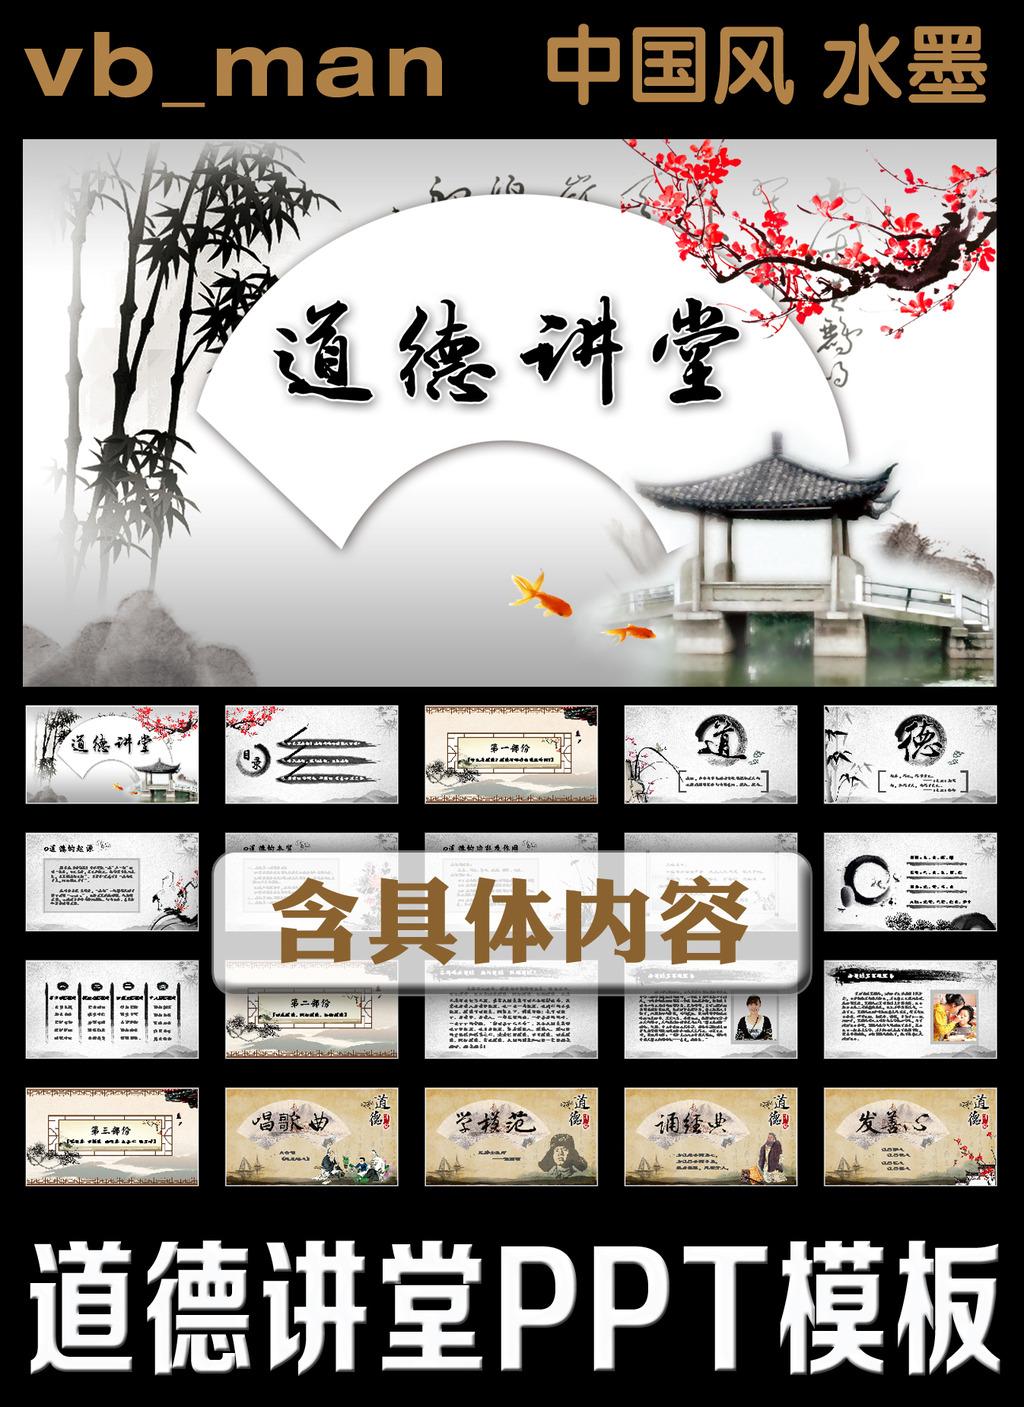 道德讲堂ppt模板国学传统文化教育